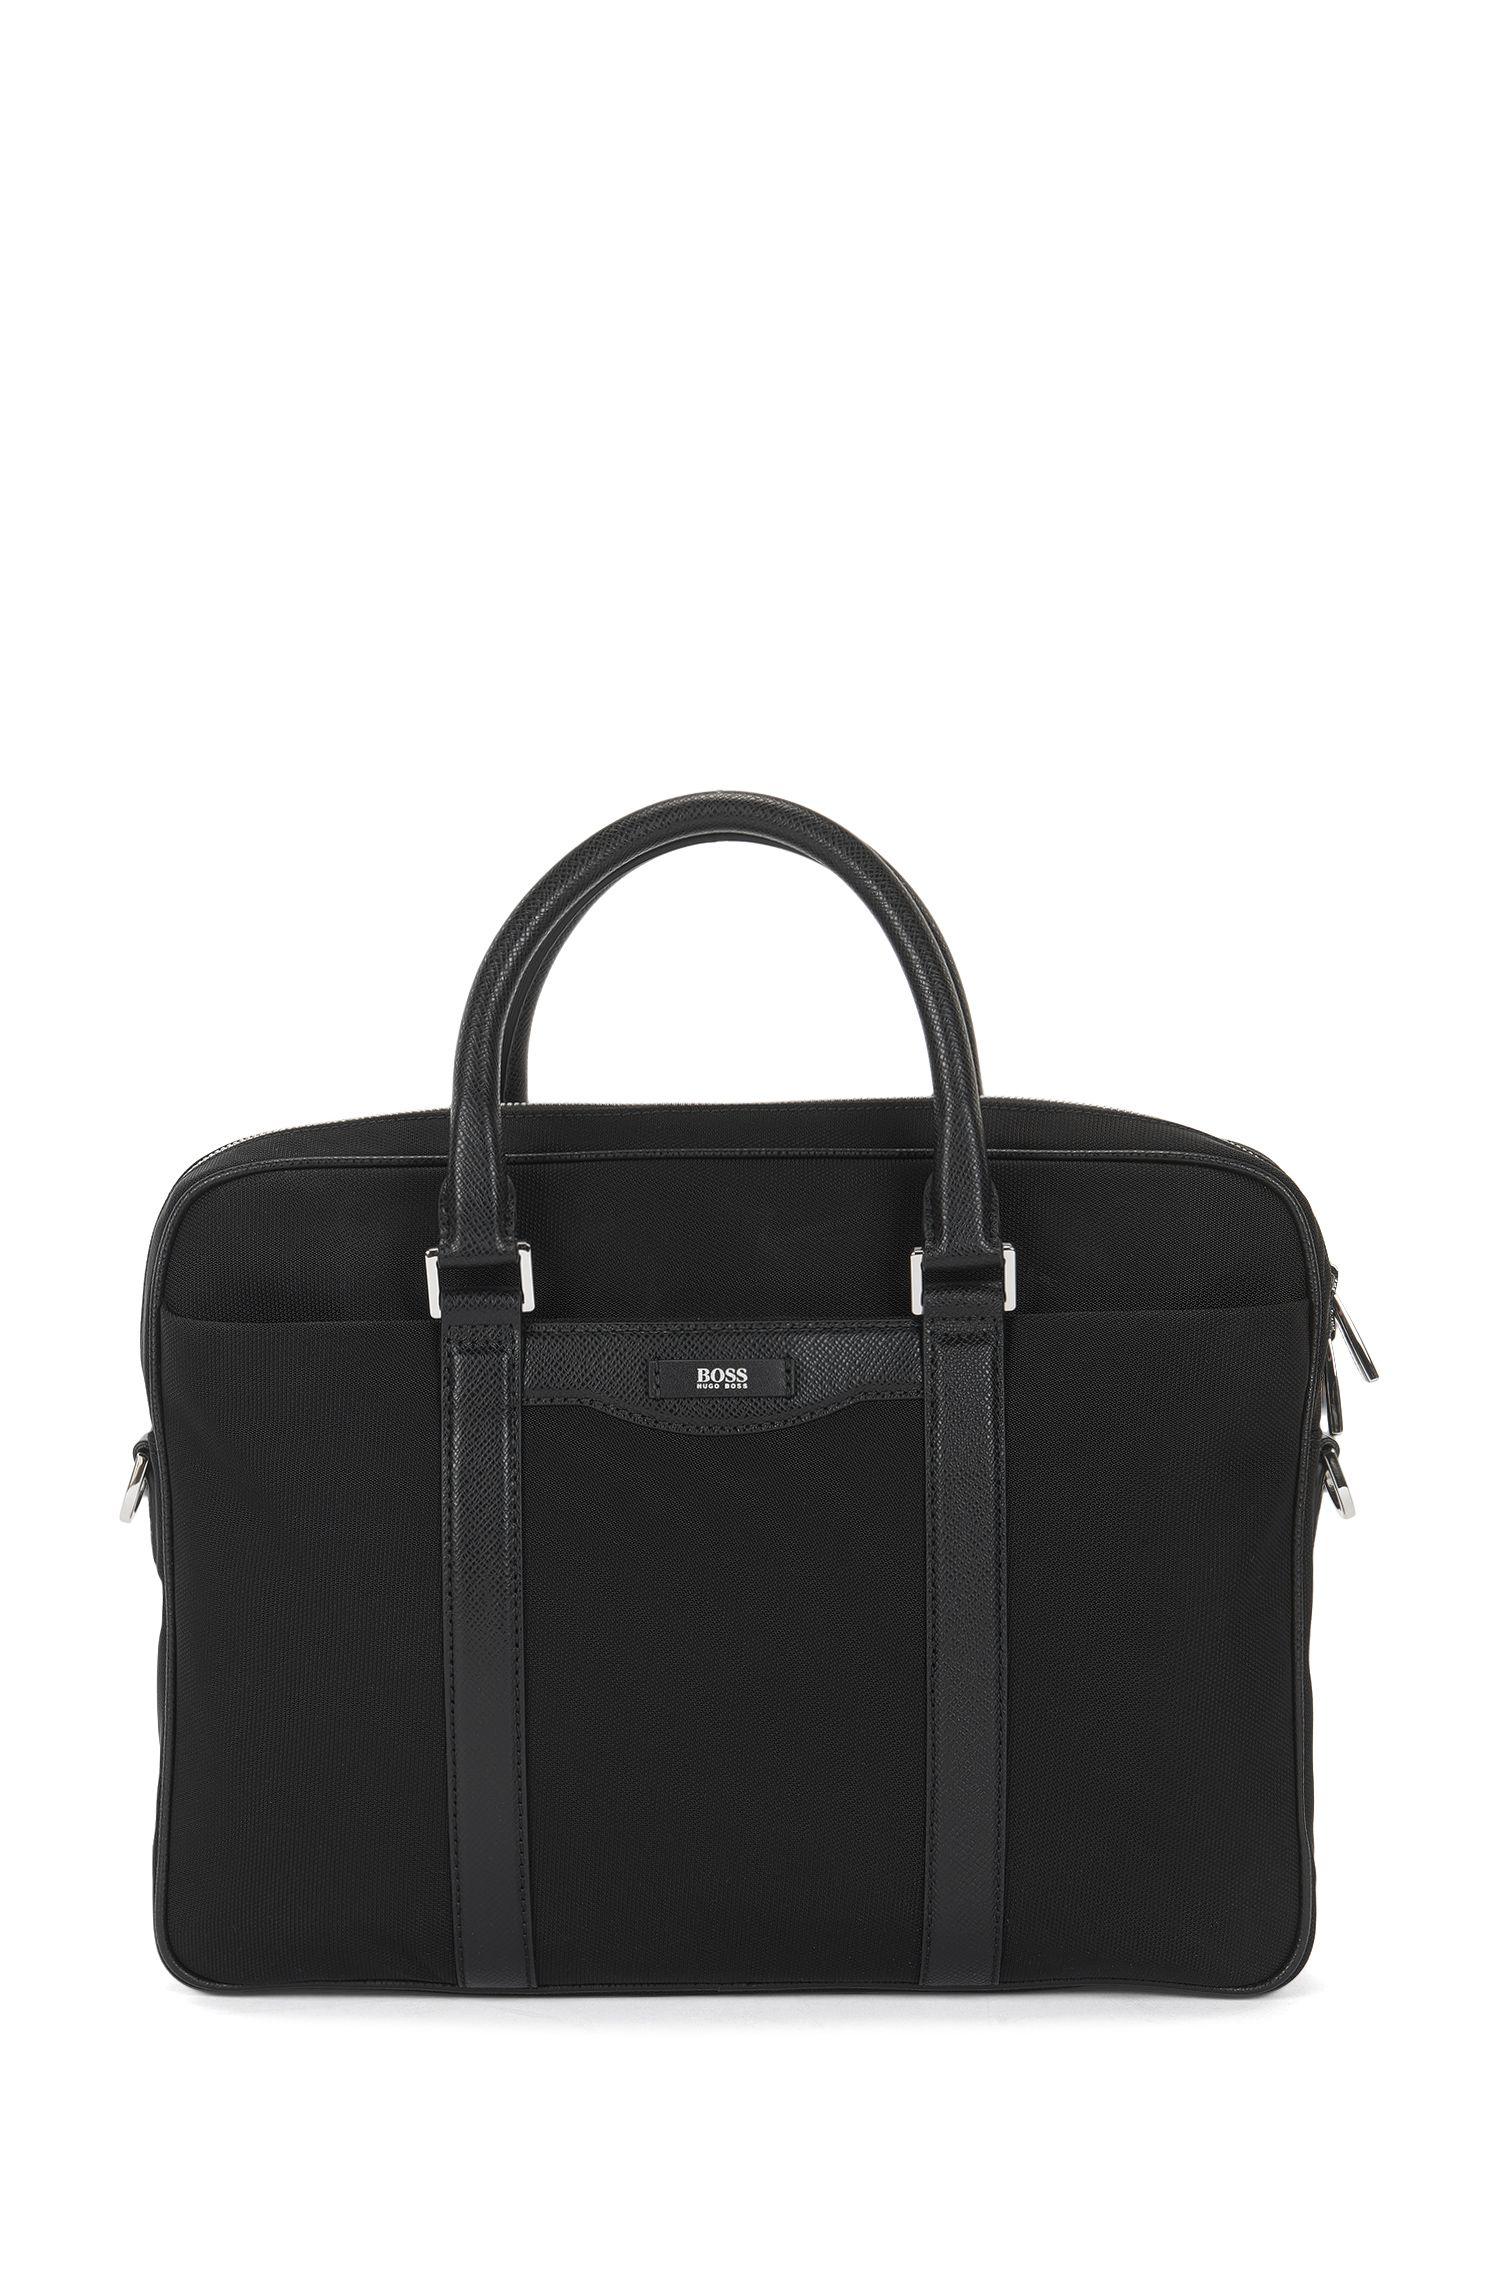 Unifarbene Business-Tasche mit Lederbesätzen: 'Signature L_S doc'